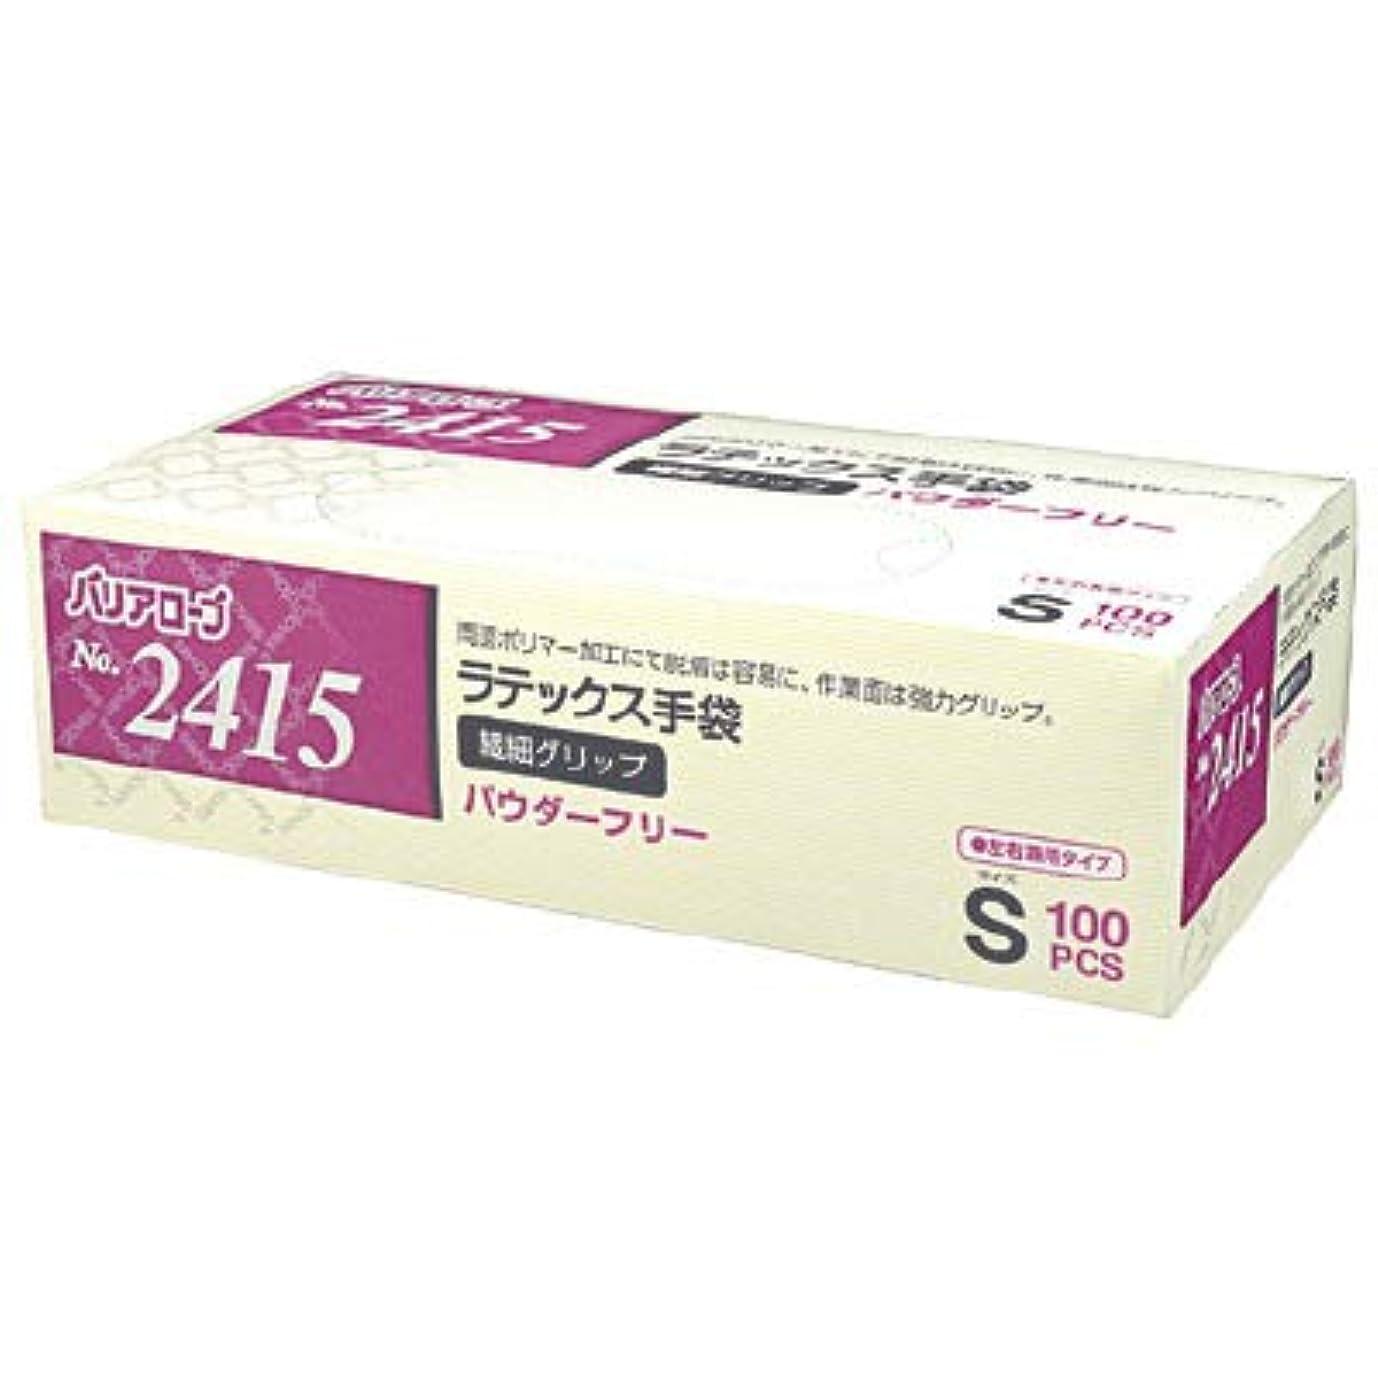 公平識別信頼性【ケース販売】 バリアローブ №2415 ラテックス手袋 繊細グリップ (パウダーフリー) S 2000枚(100枚×20箱)